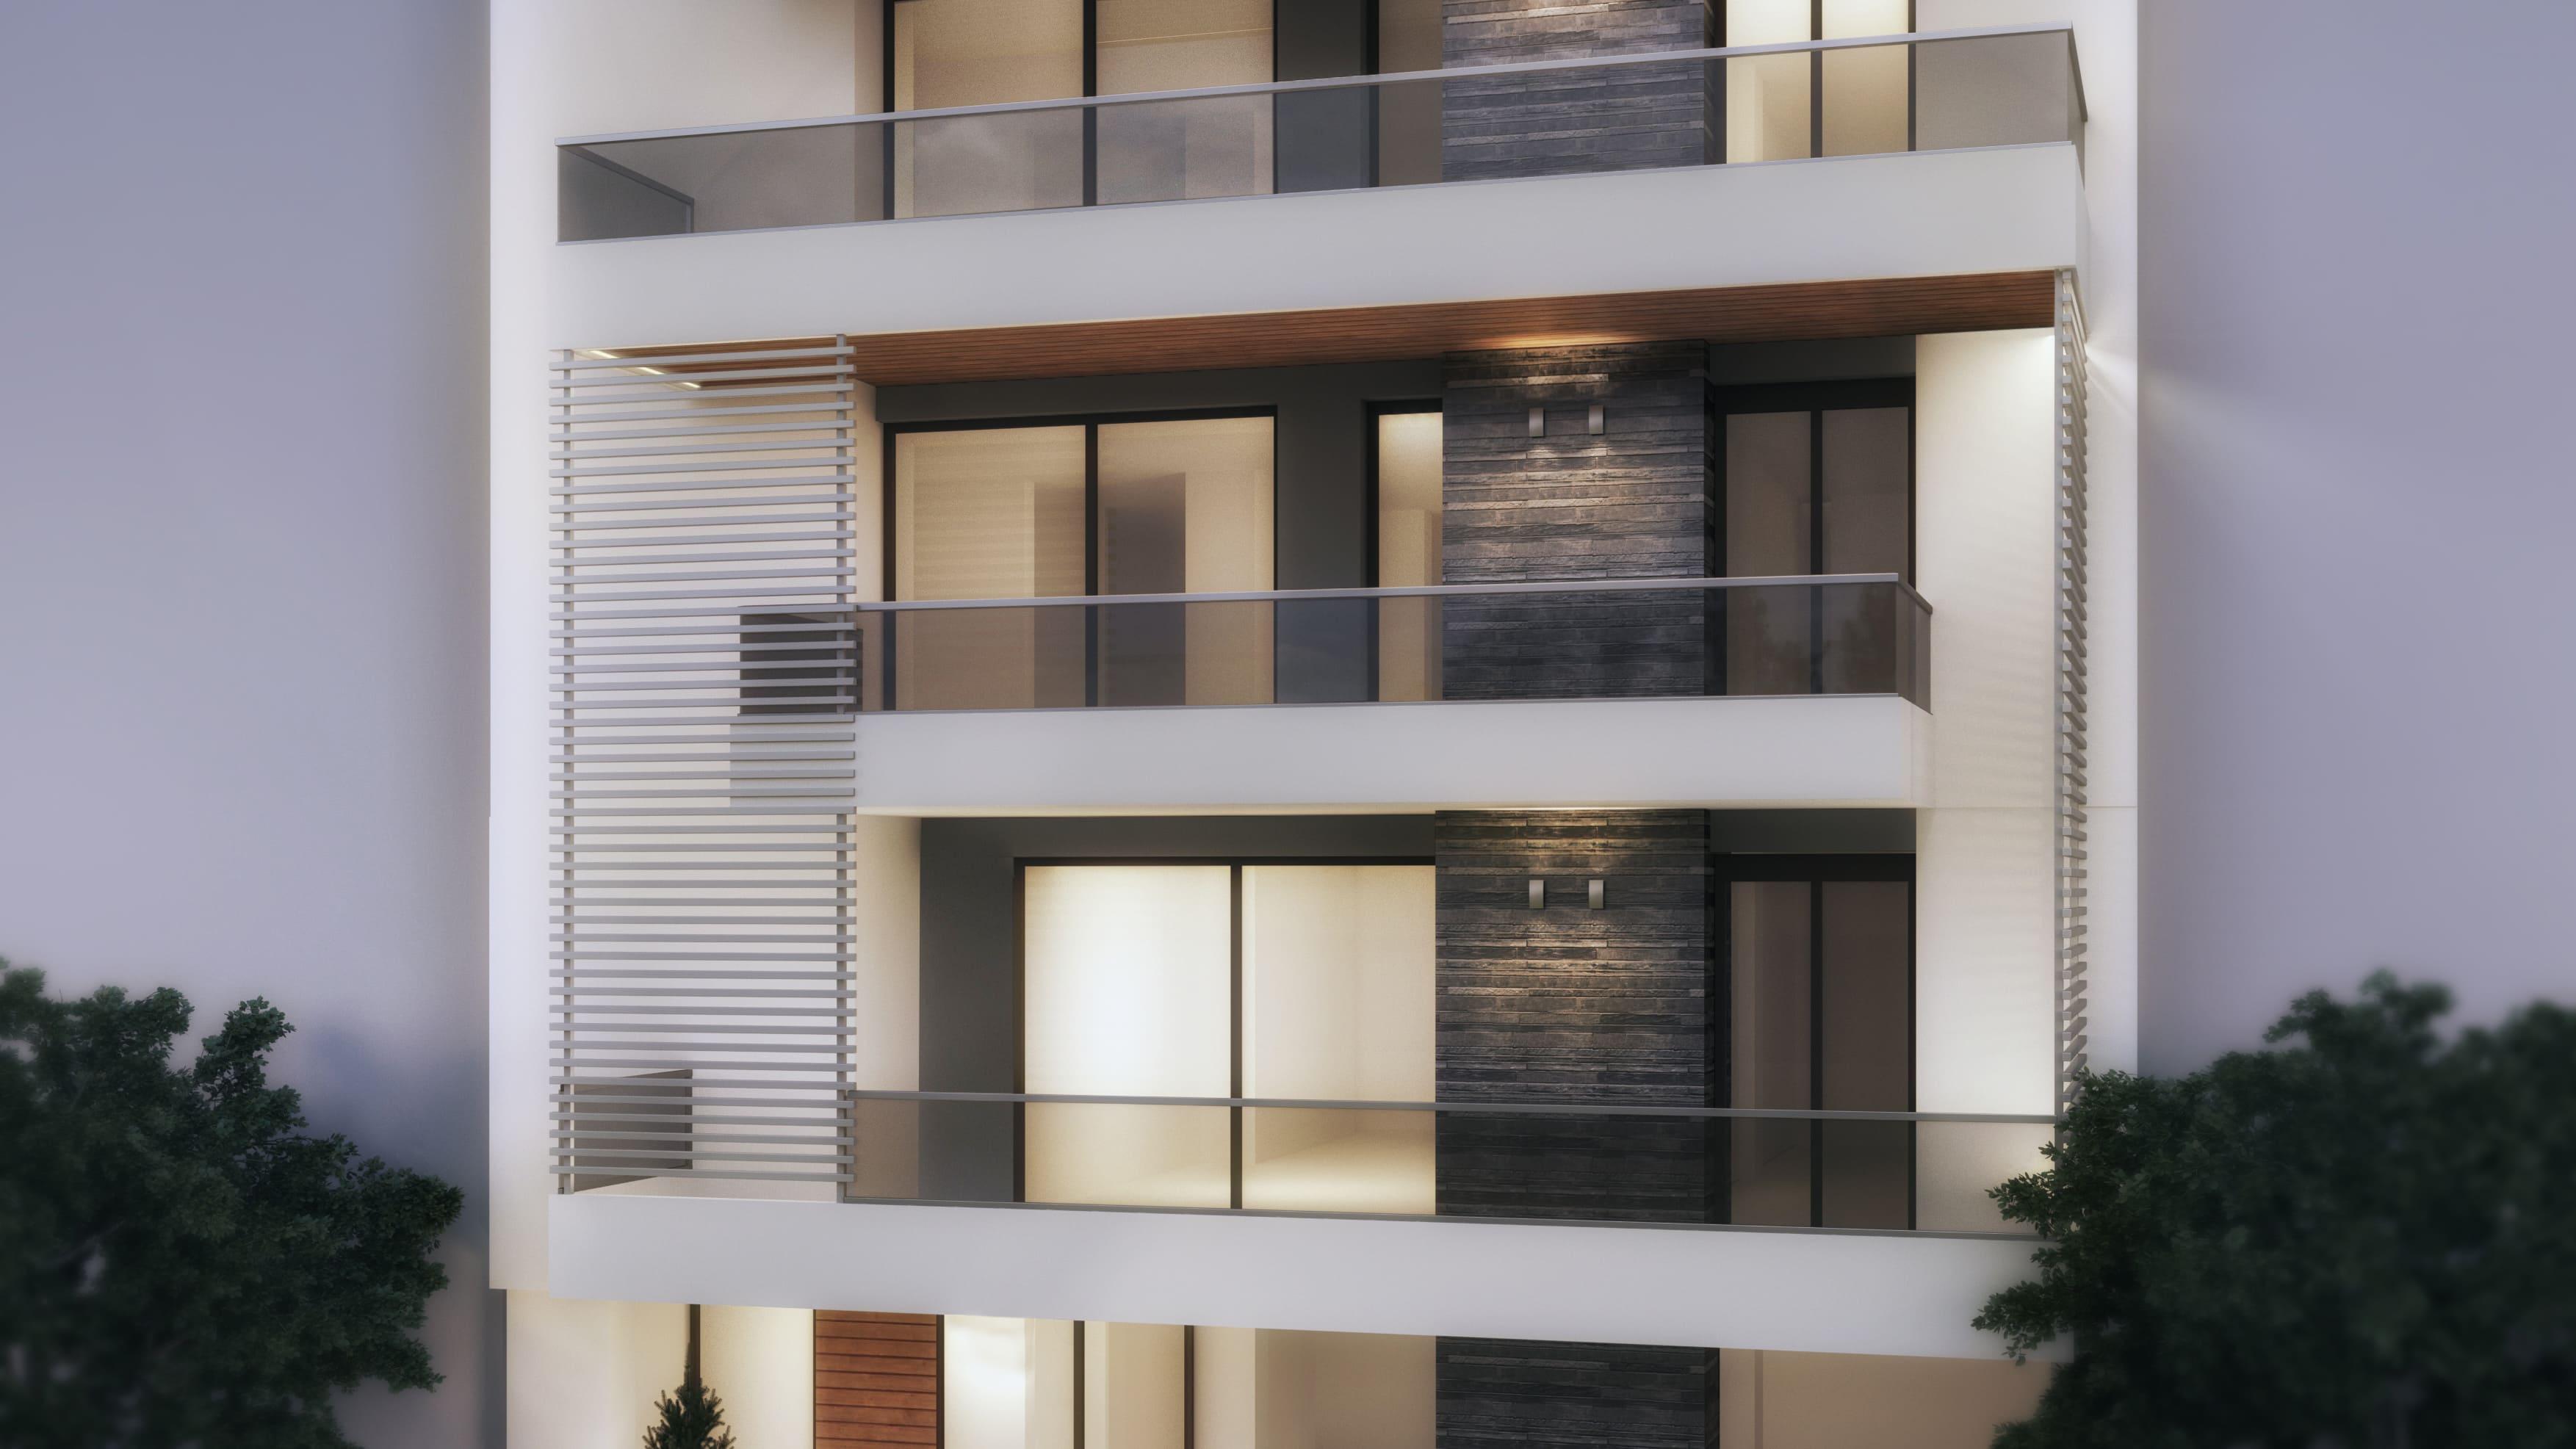 Κάτω Τούμπα | Ναυπλίου | Διαμέρισμα | 100 τ.μ. | 1ος όροφος | ΠΩΛΗΘΗΚΕ